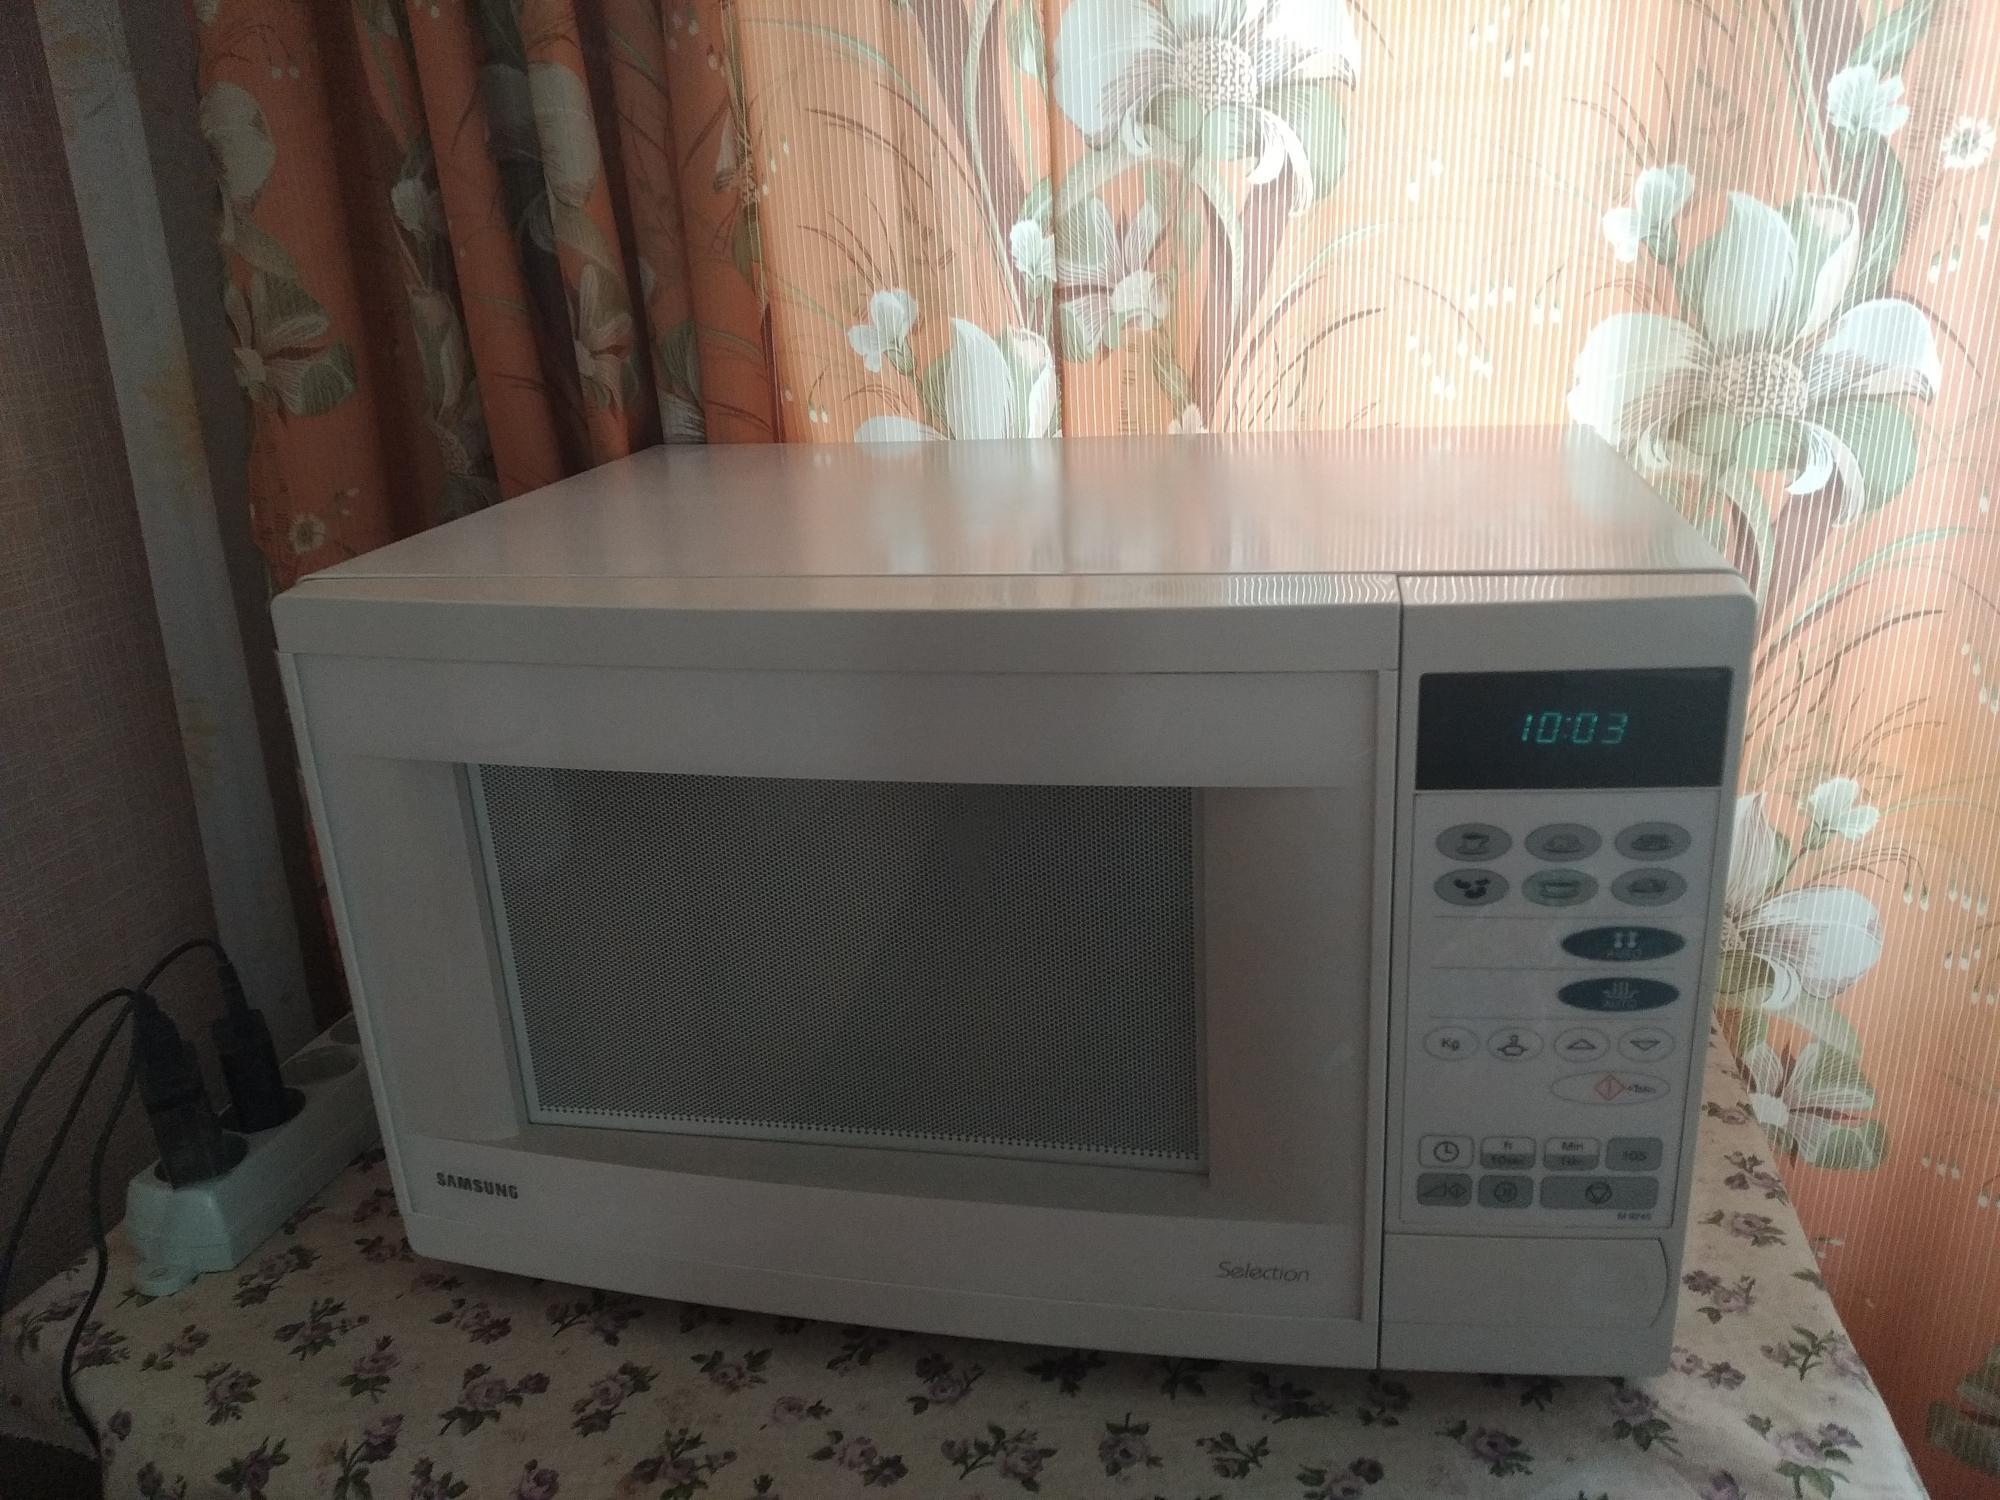 Микроволновая печь Samsung M9245 89680536454 купить 1